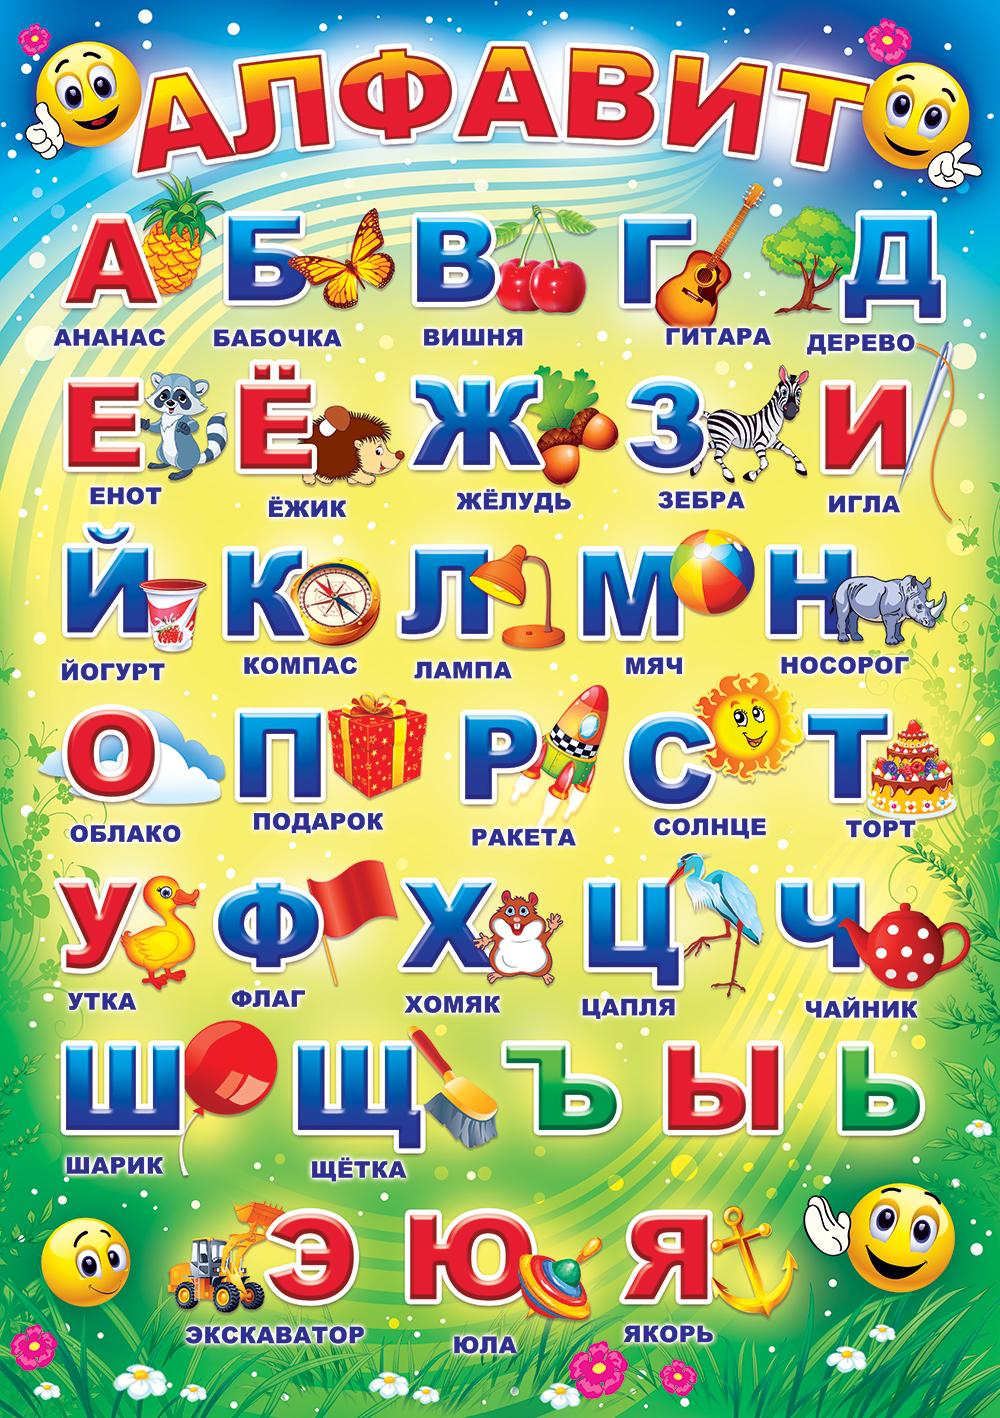 Буквы для свадьбы алфавит